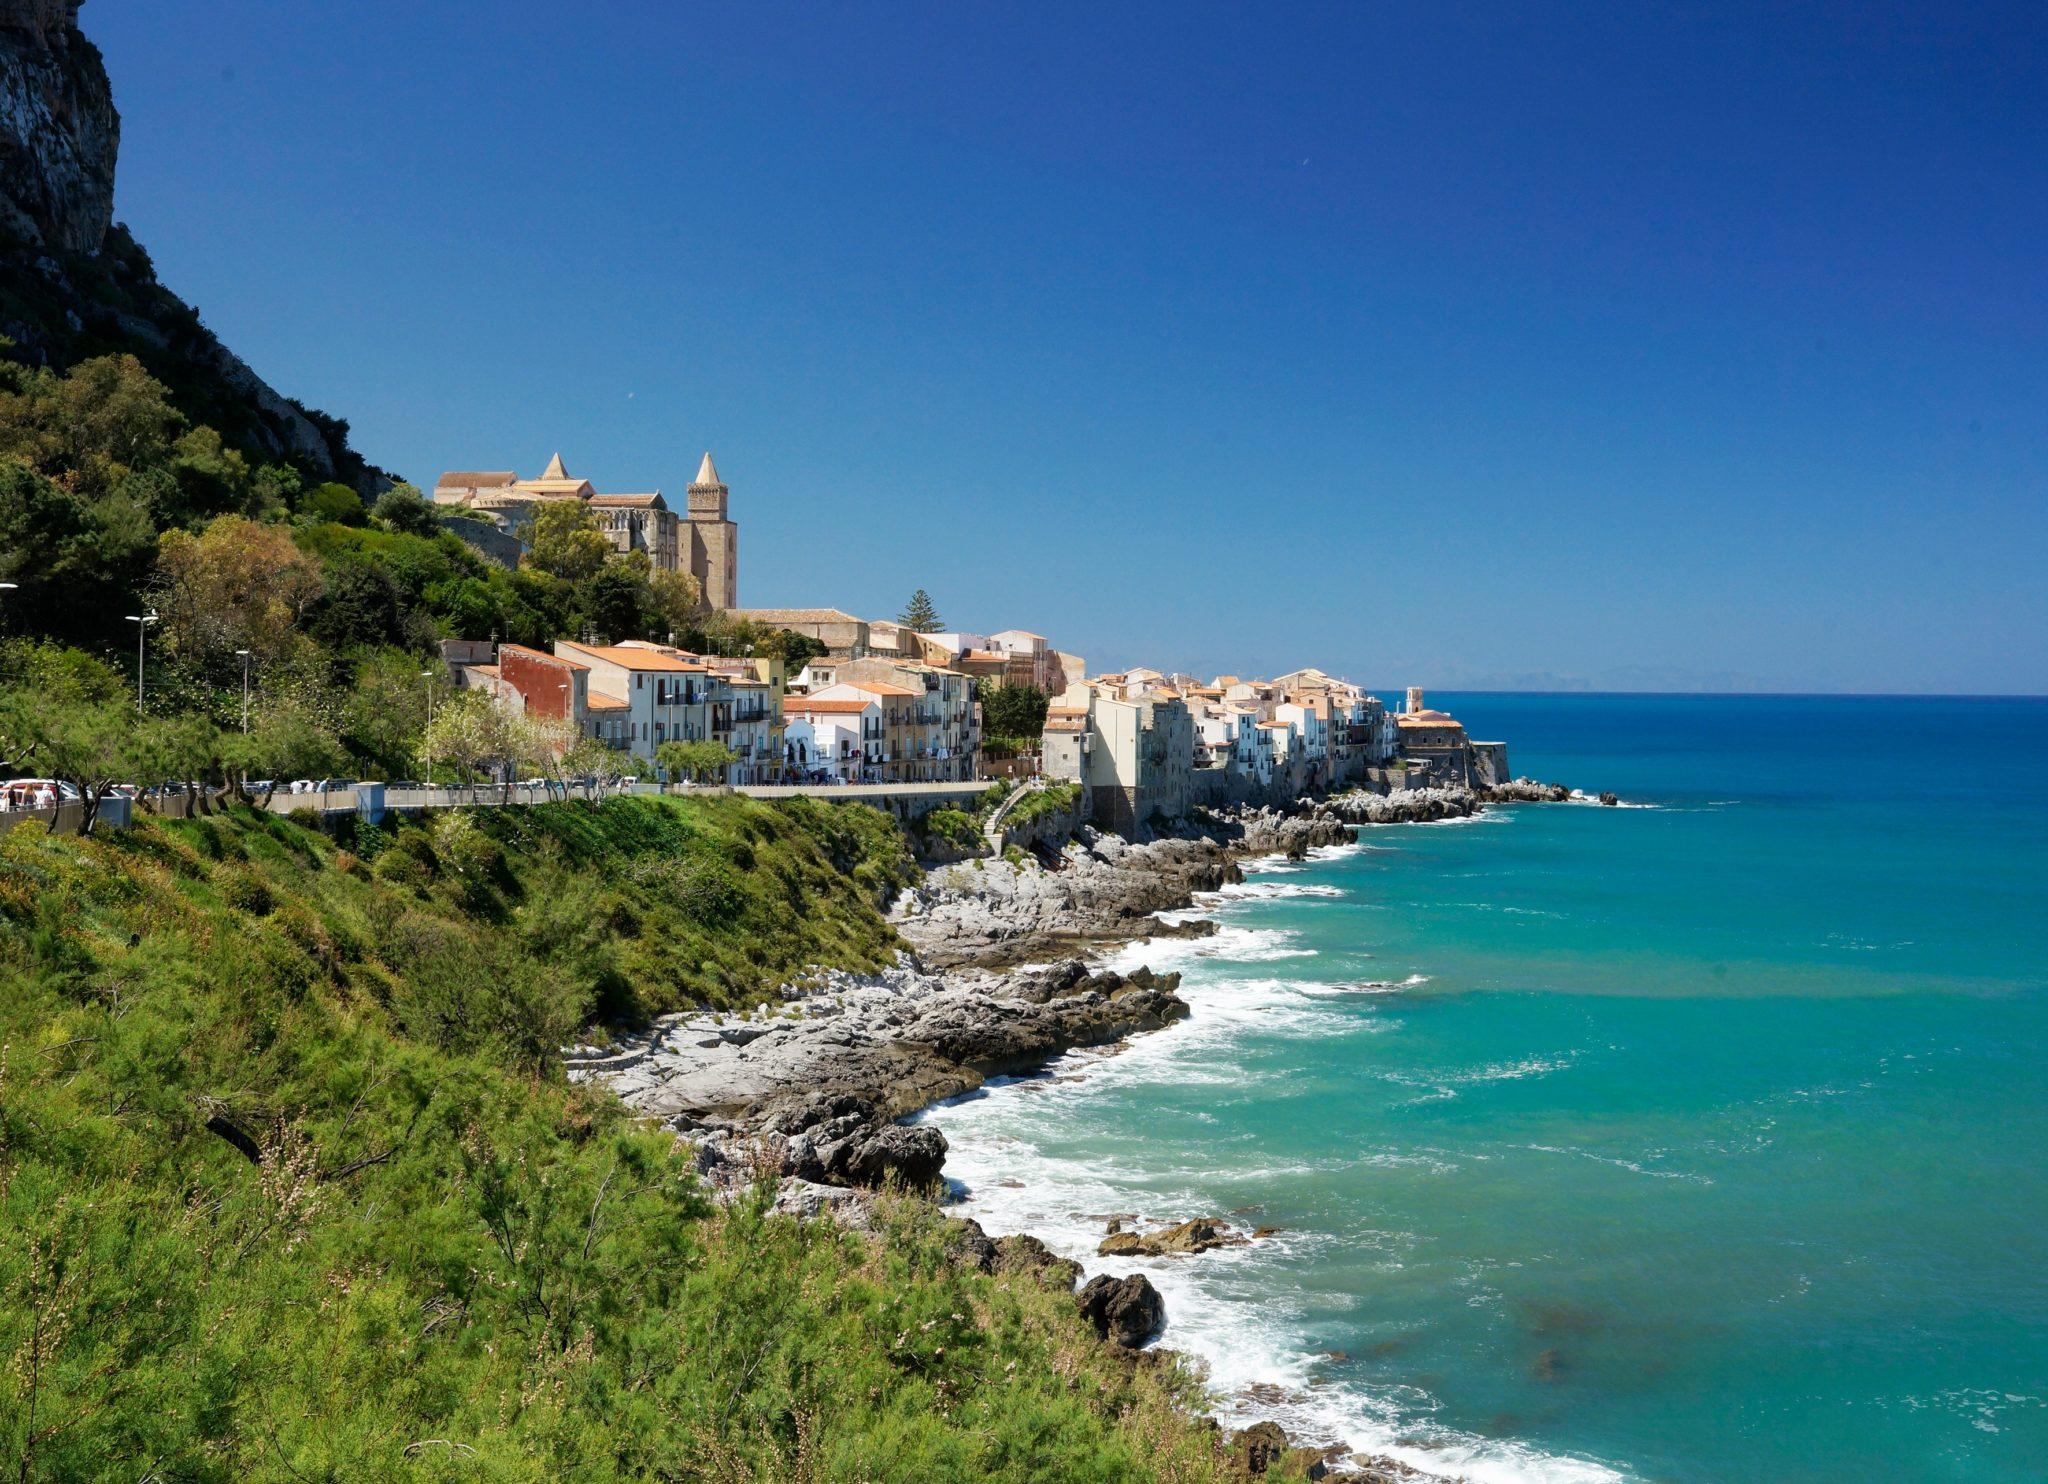 Sycylia - miejsca w europie gdzie jest ciepło w zimie